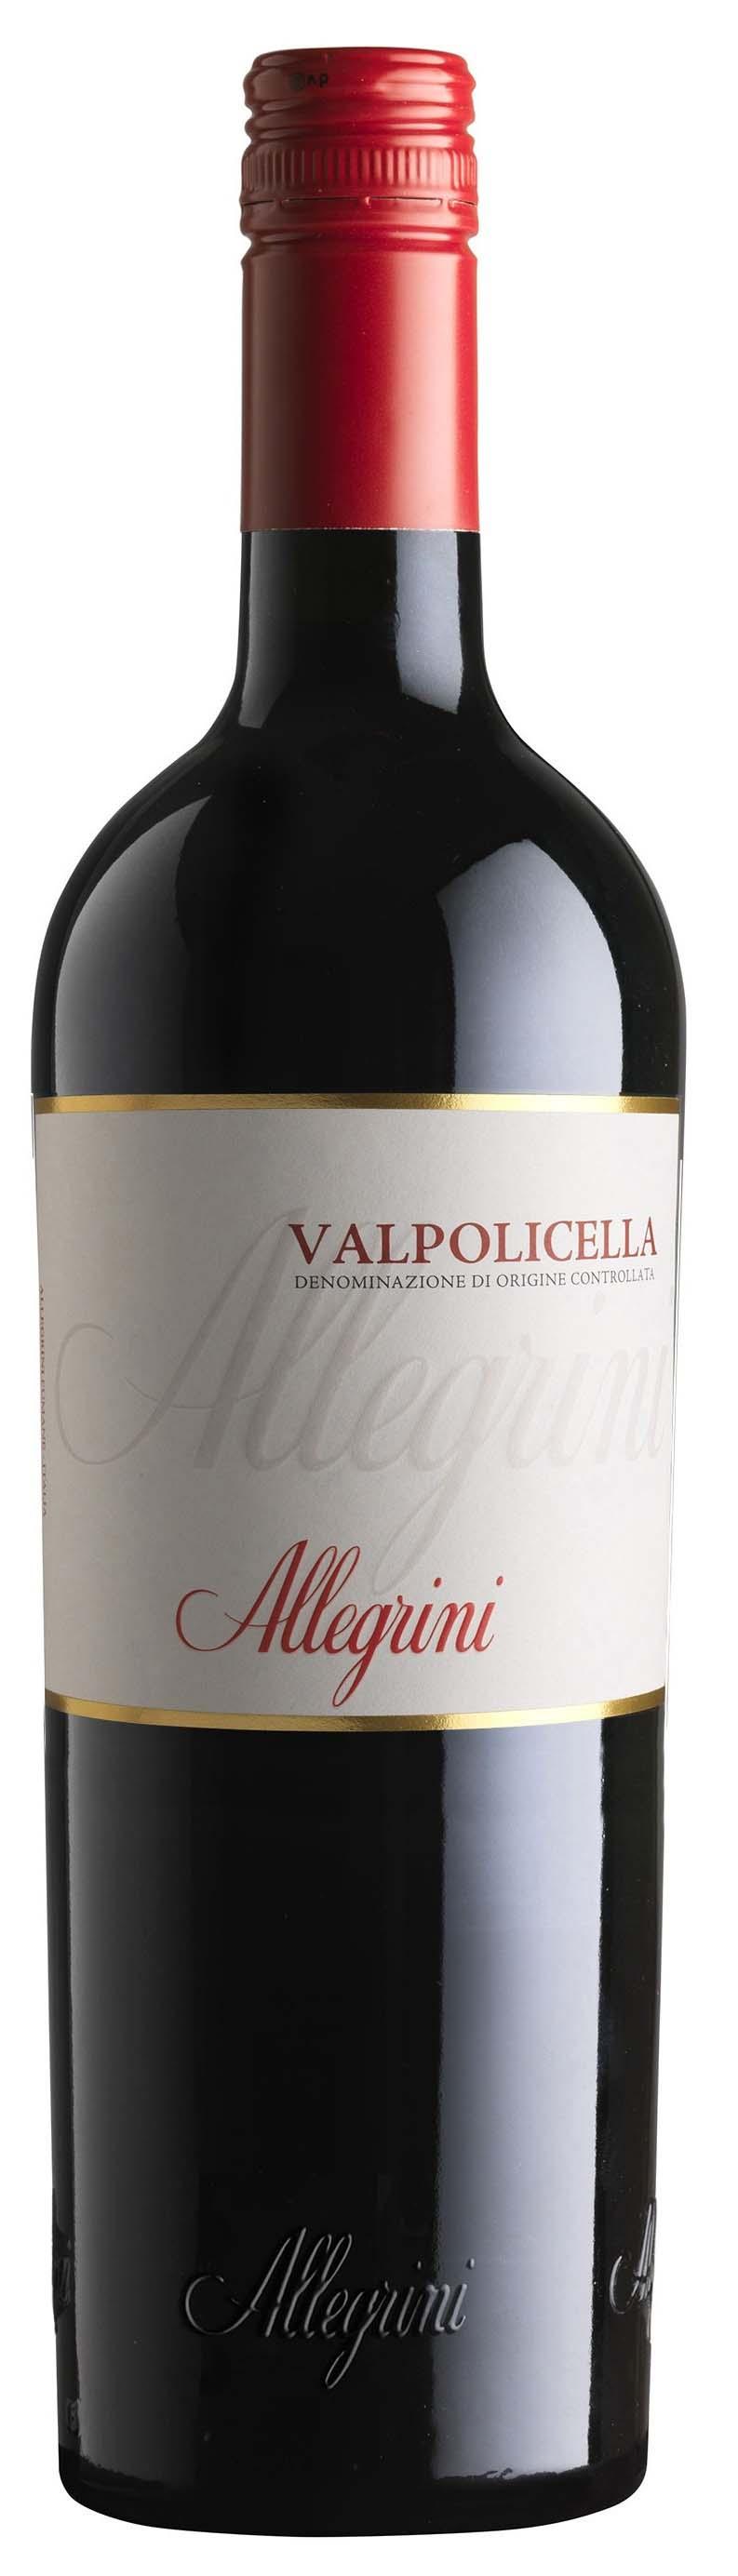 Allegrini, Valpolicella 2017